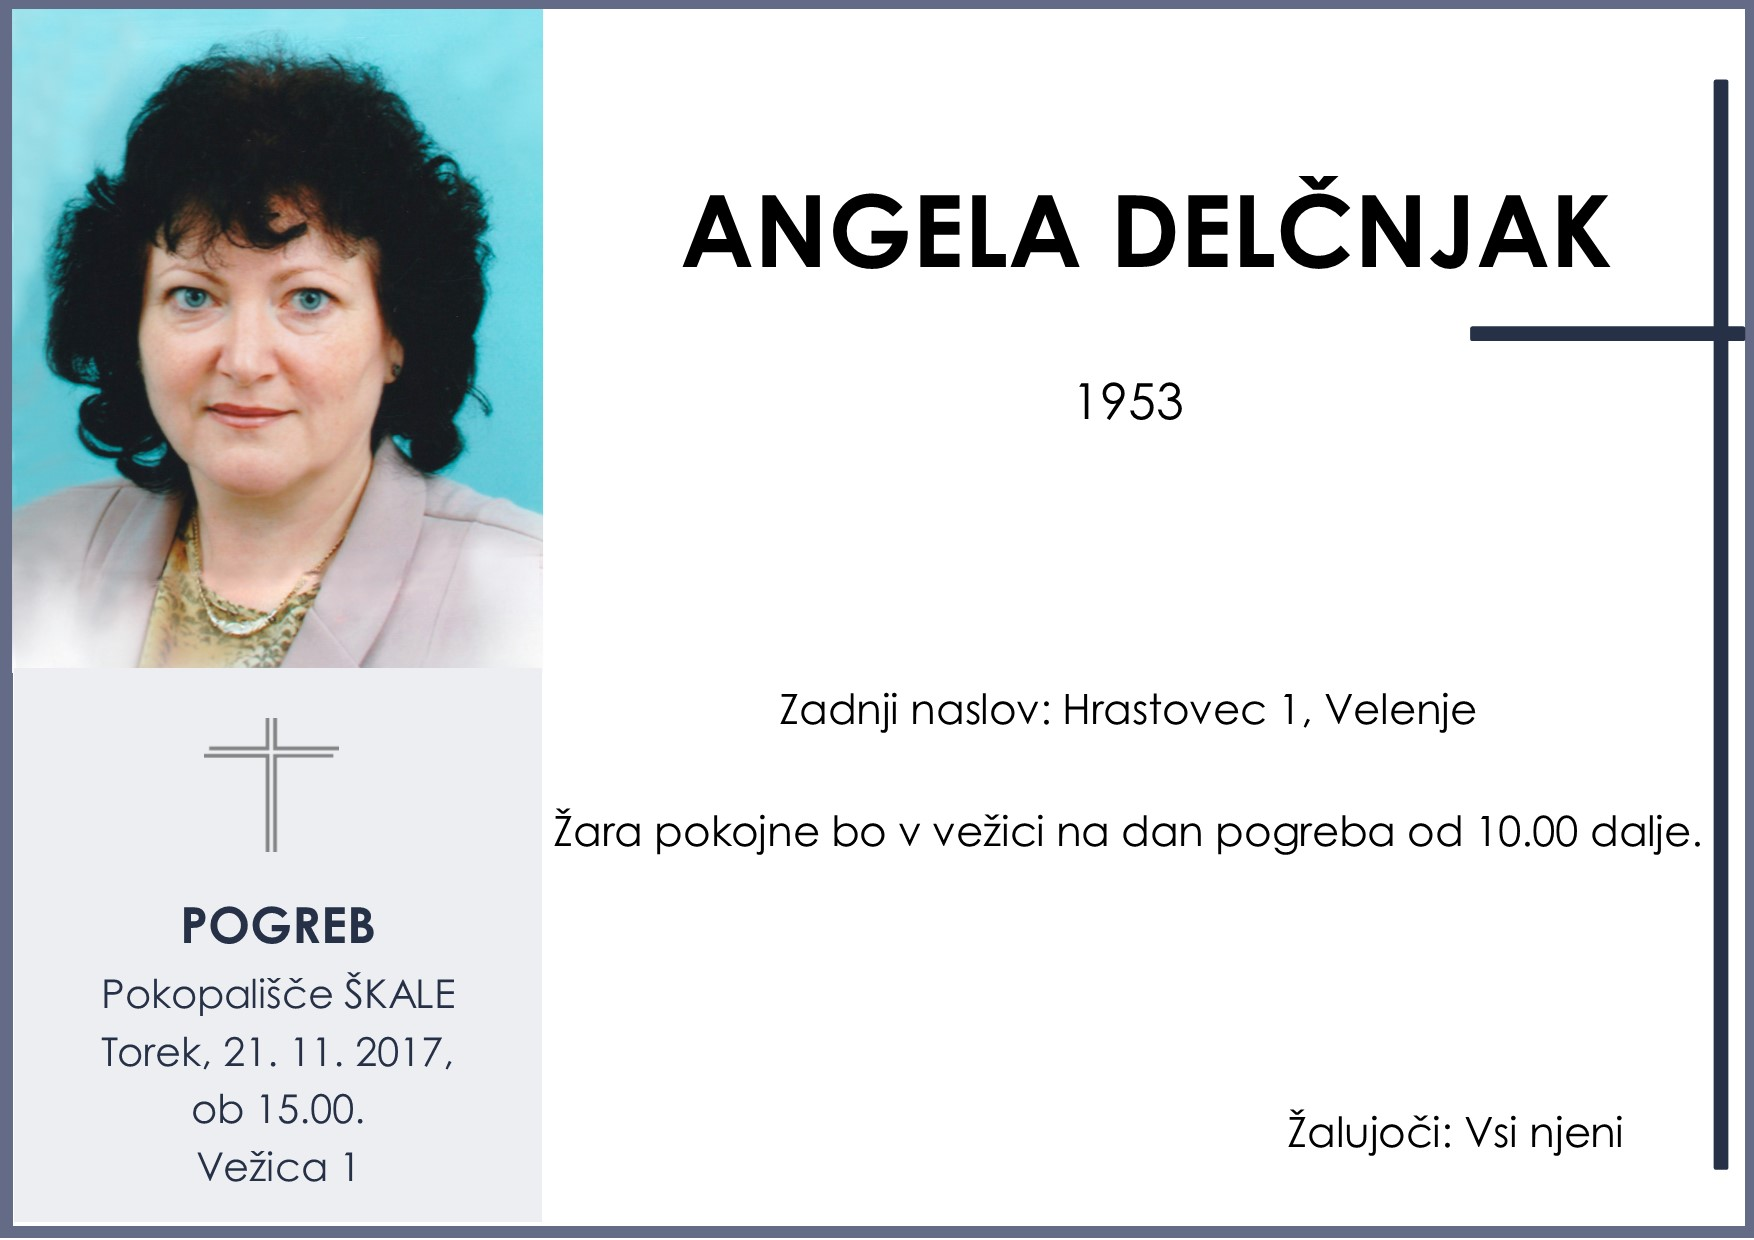 ANGELA DELČNJAK, Škale, 21. 11. 2017